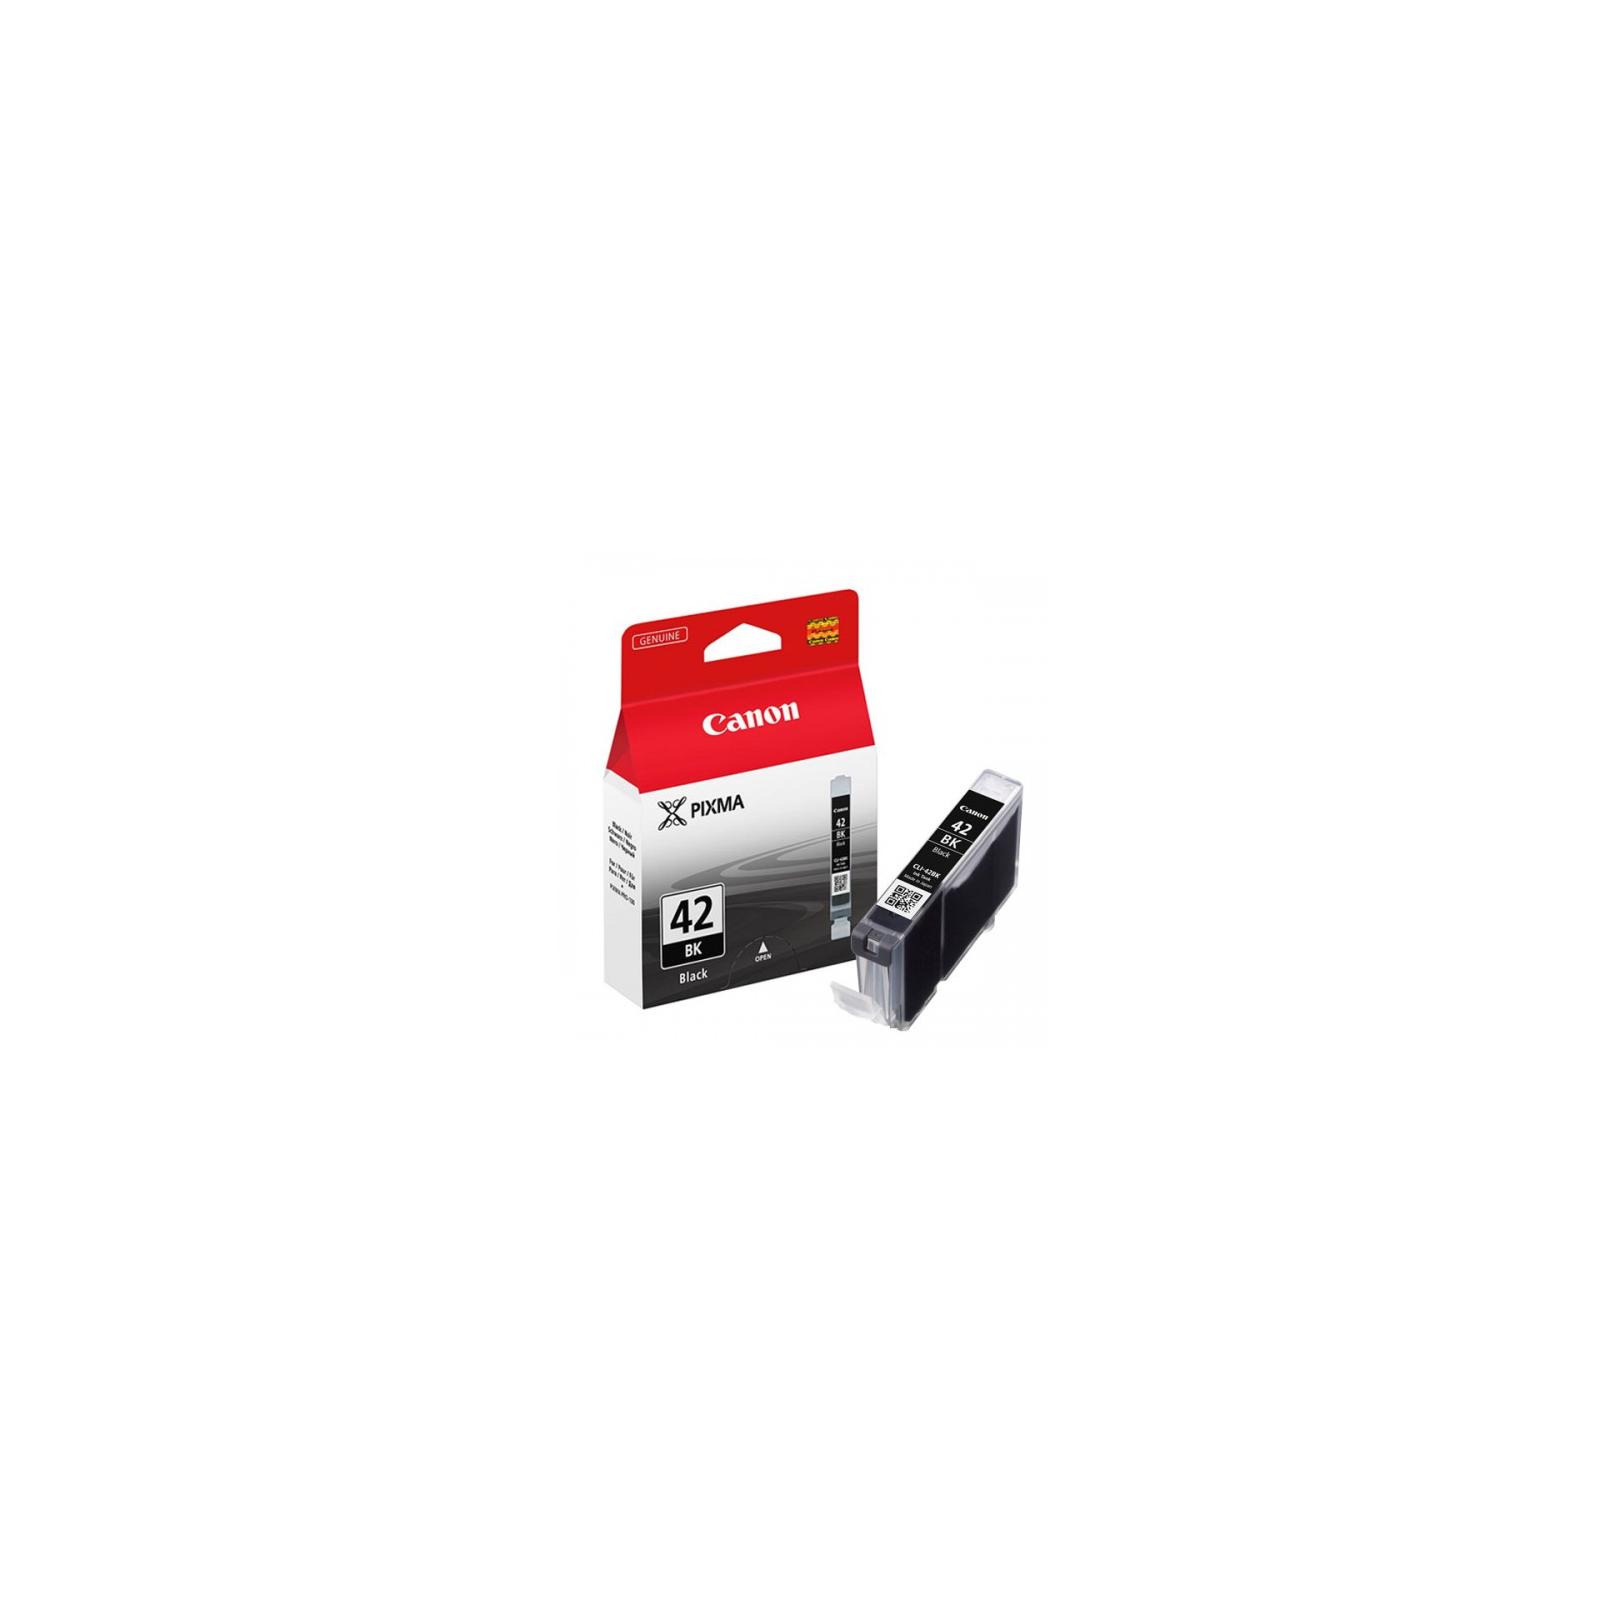 Картридж Canon CLI-42 Black для PIXMA PRO-100 (6384B001)